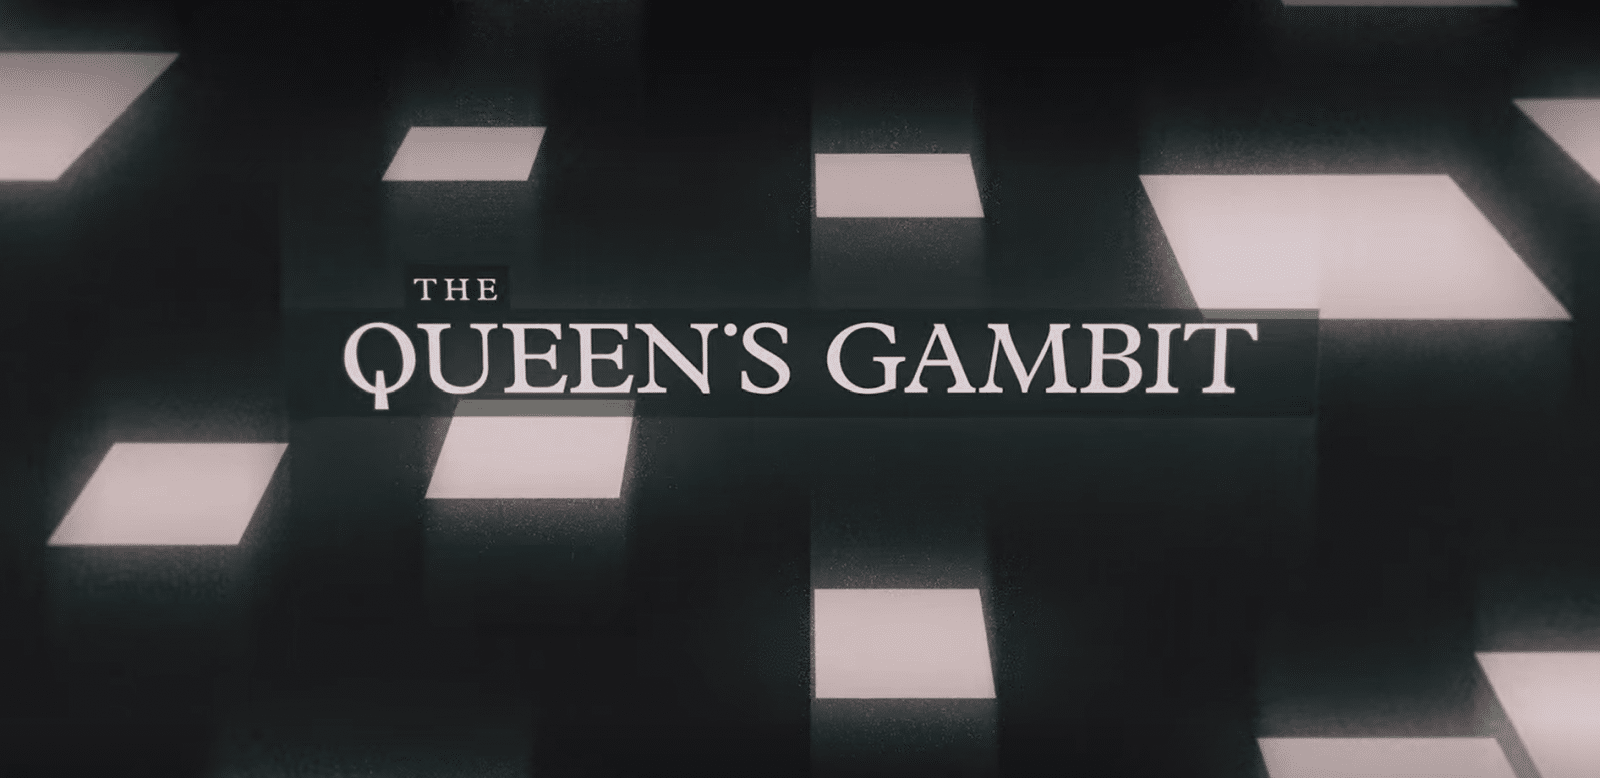 The Queens Gambit Season 2